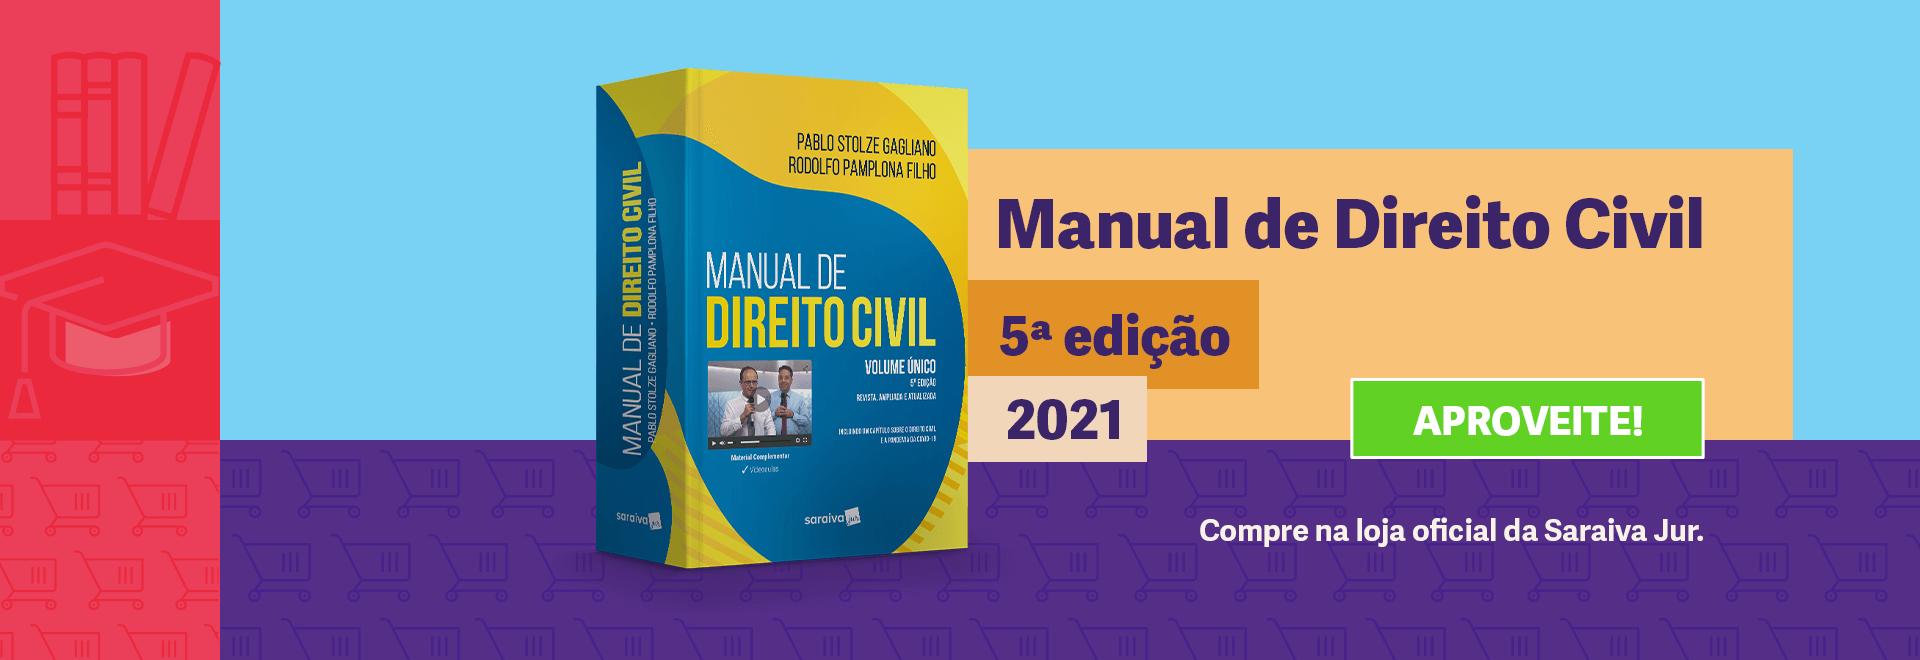 Manual de Direito Civil - Volume Único - 5ª Edição 2021